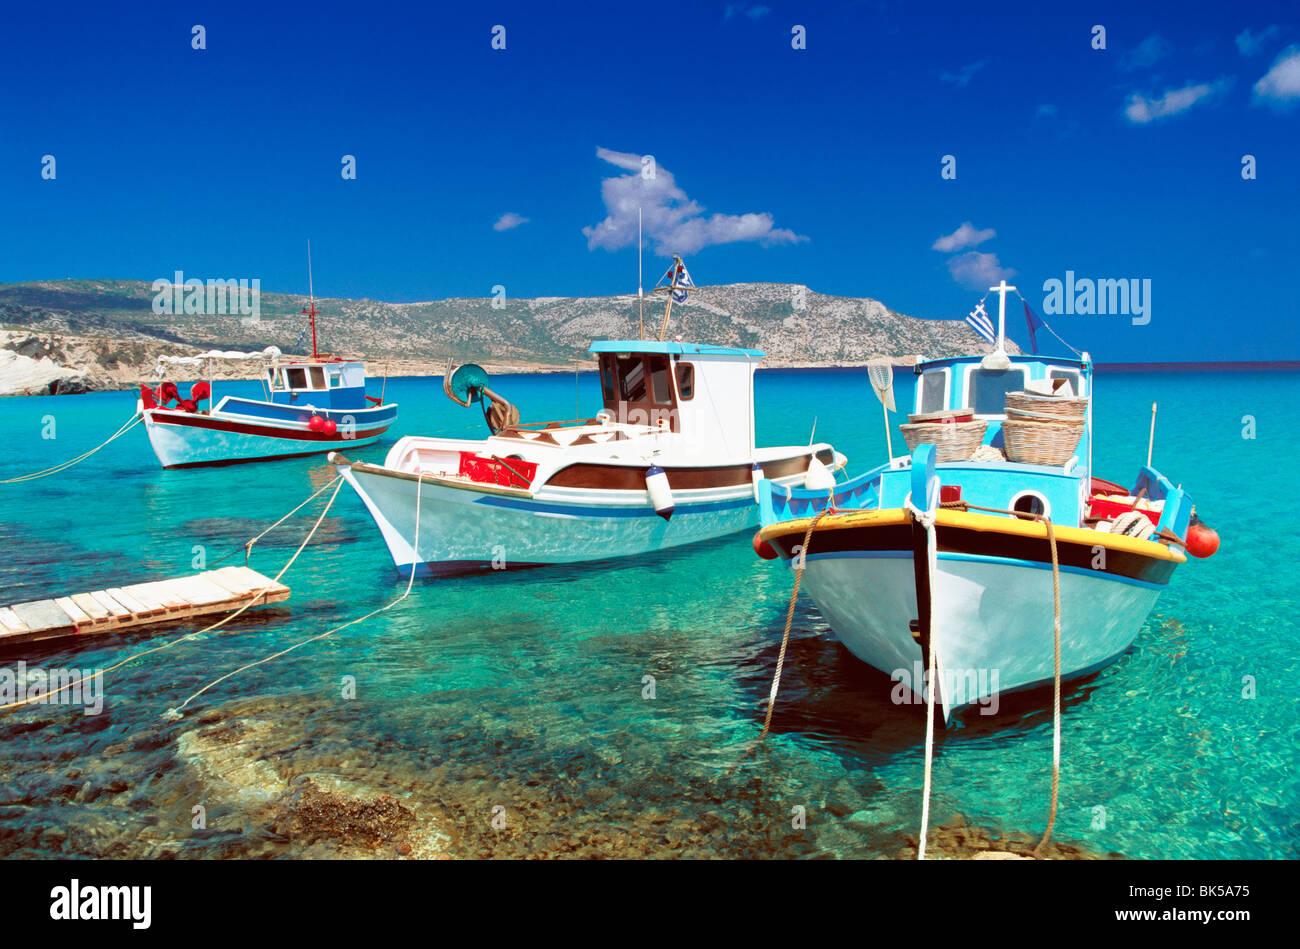 Angelboote/Fischerboote am Anopi Strand, Karpathos, Dodekanes, griechische Inseln, Griechenland, Europa Stockbild